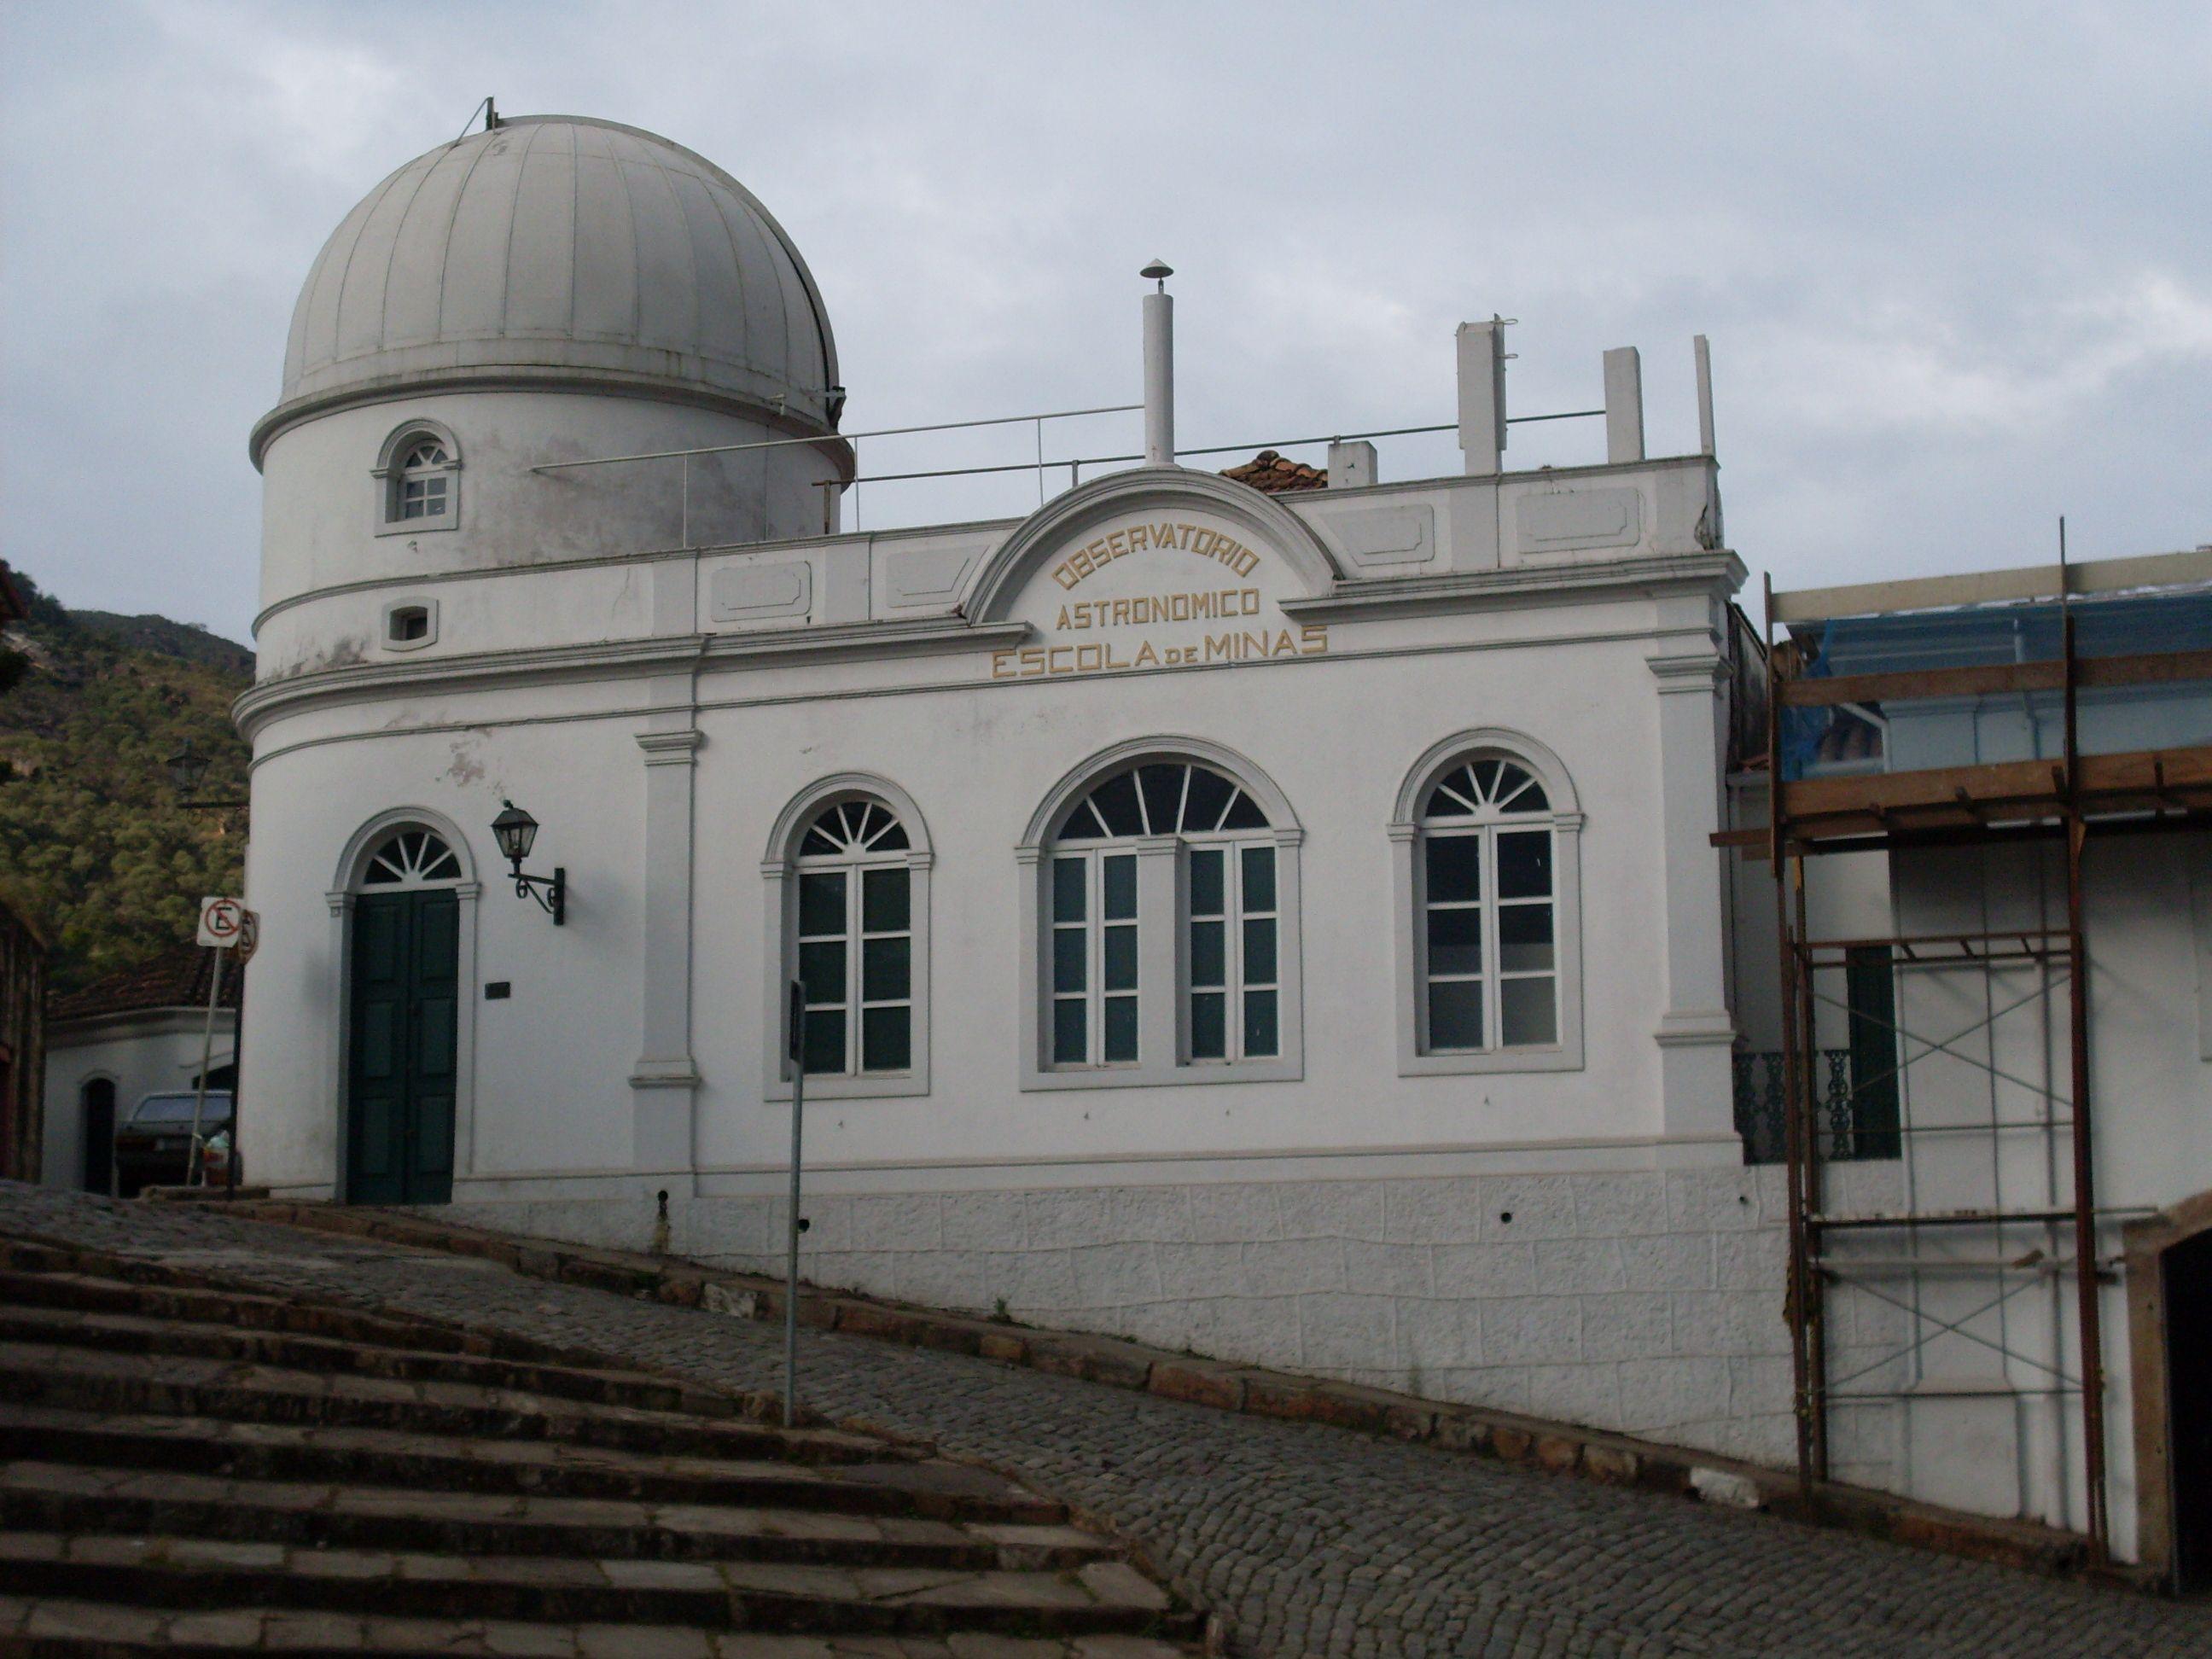 Observatório astronômico da Escola de Minas Ouro Preto Minas Gerais Brazil